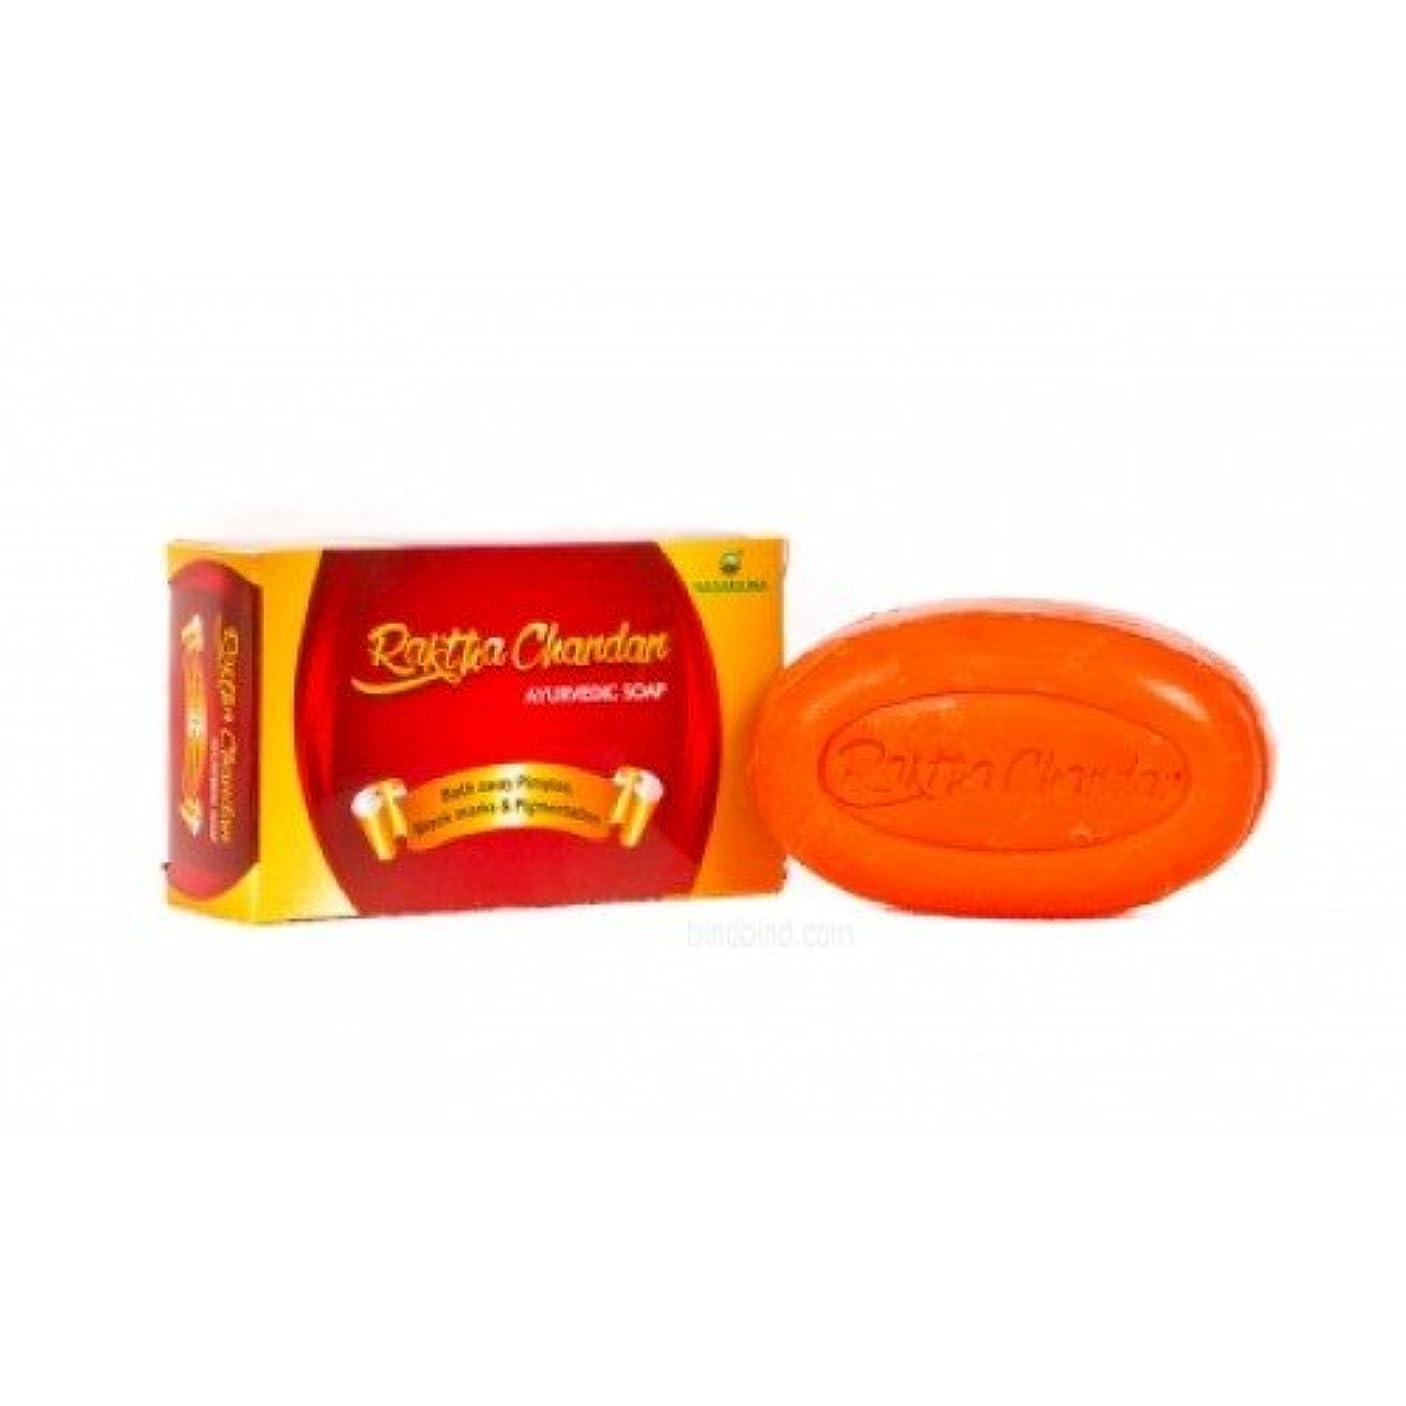 に向けて出発今アーサーNagarjuna Raktha Chandan Ayurvedic Soap Best For Glowing Skin